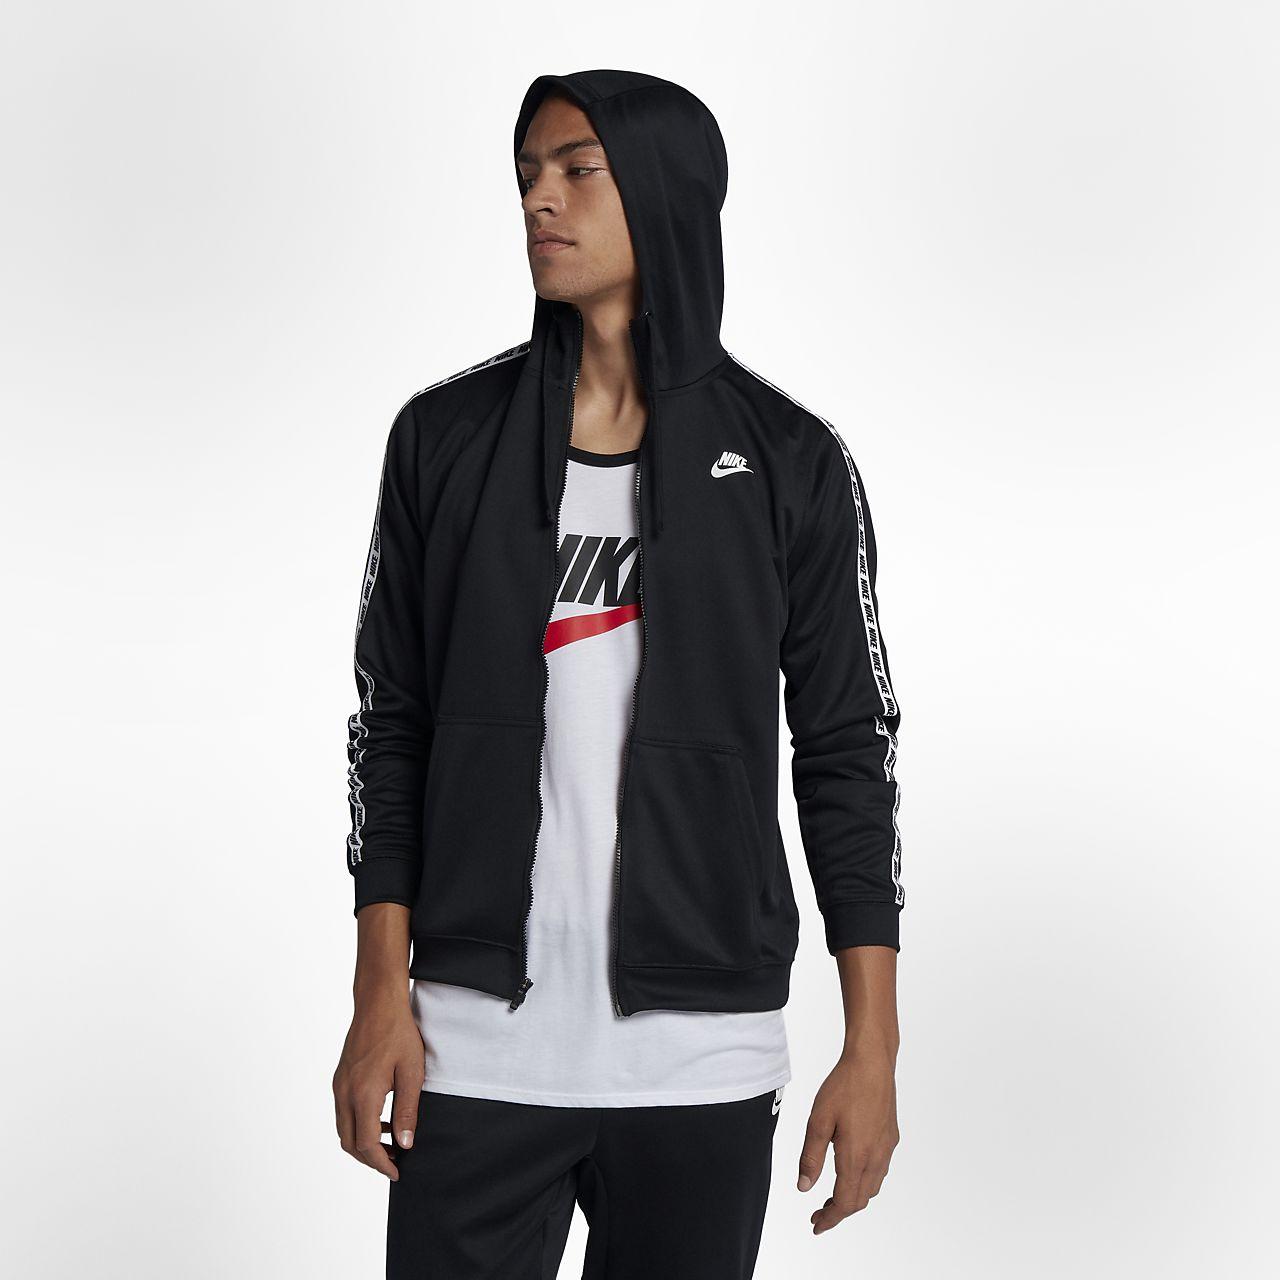 Capucha Con Sportswear Cremallera Nike Completa Sudadera qnzSwttWC